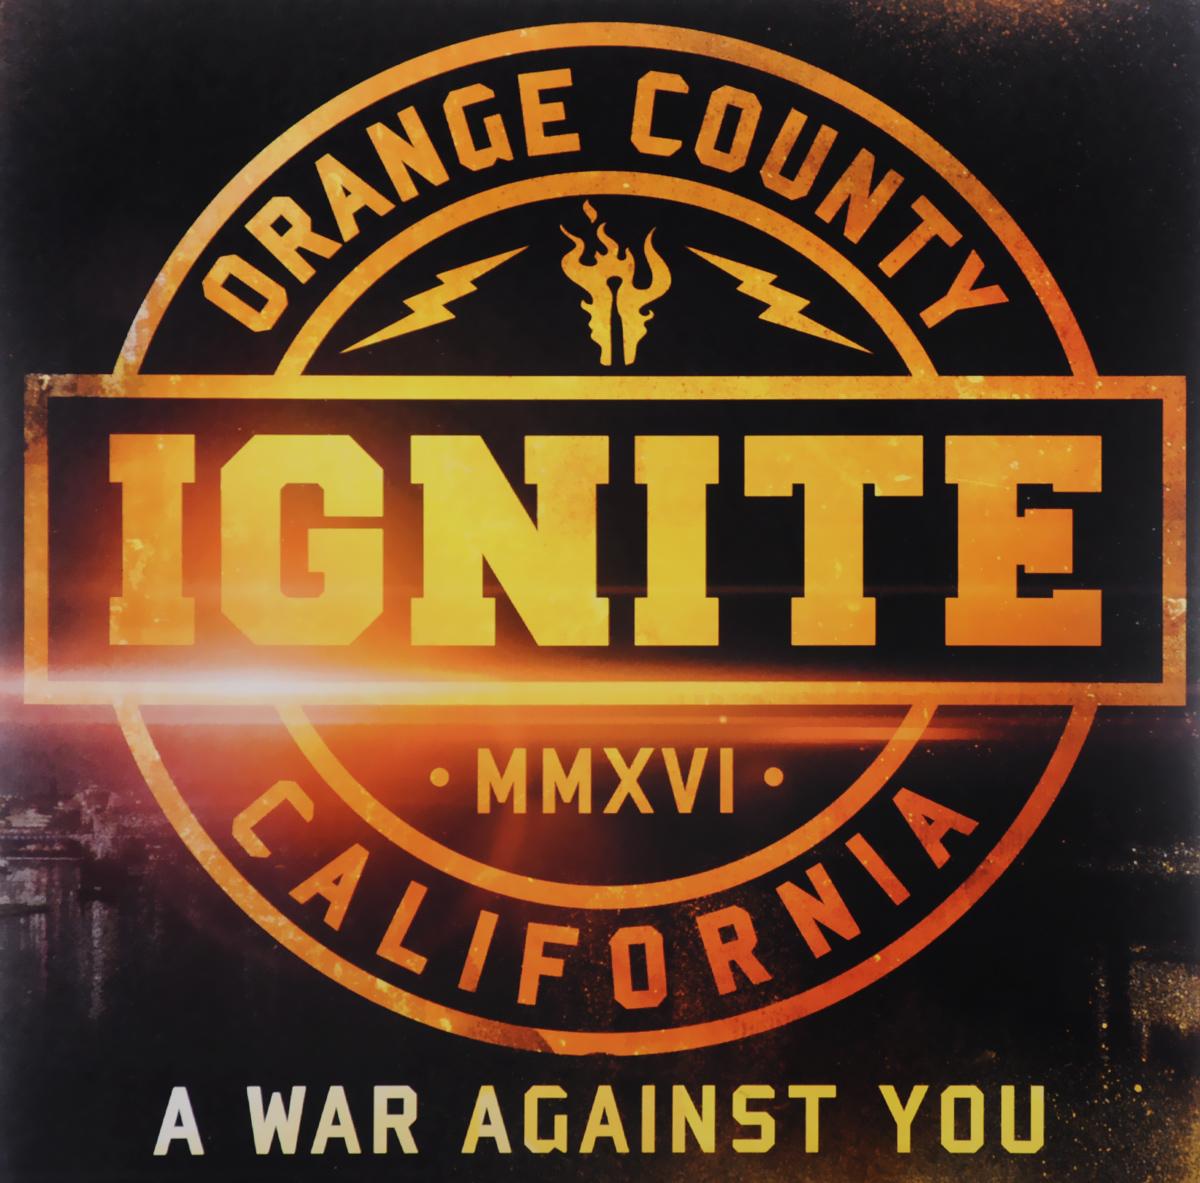 Ignite Ignite. A War Against You (LP)